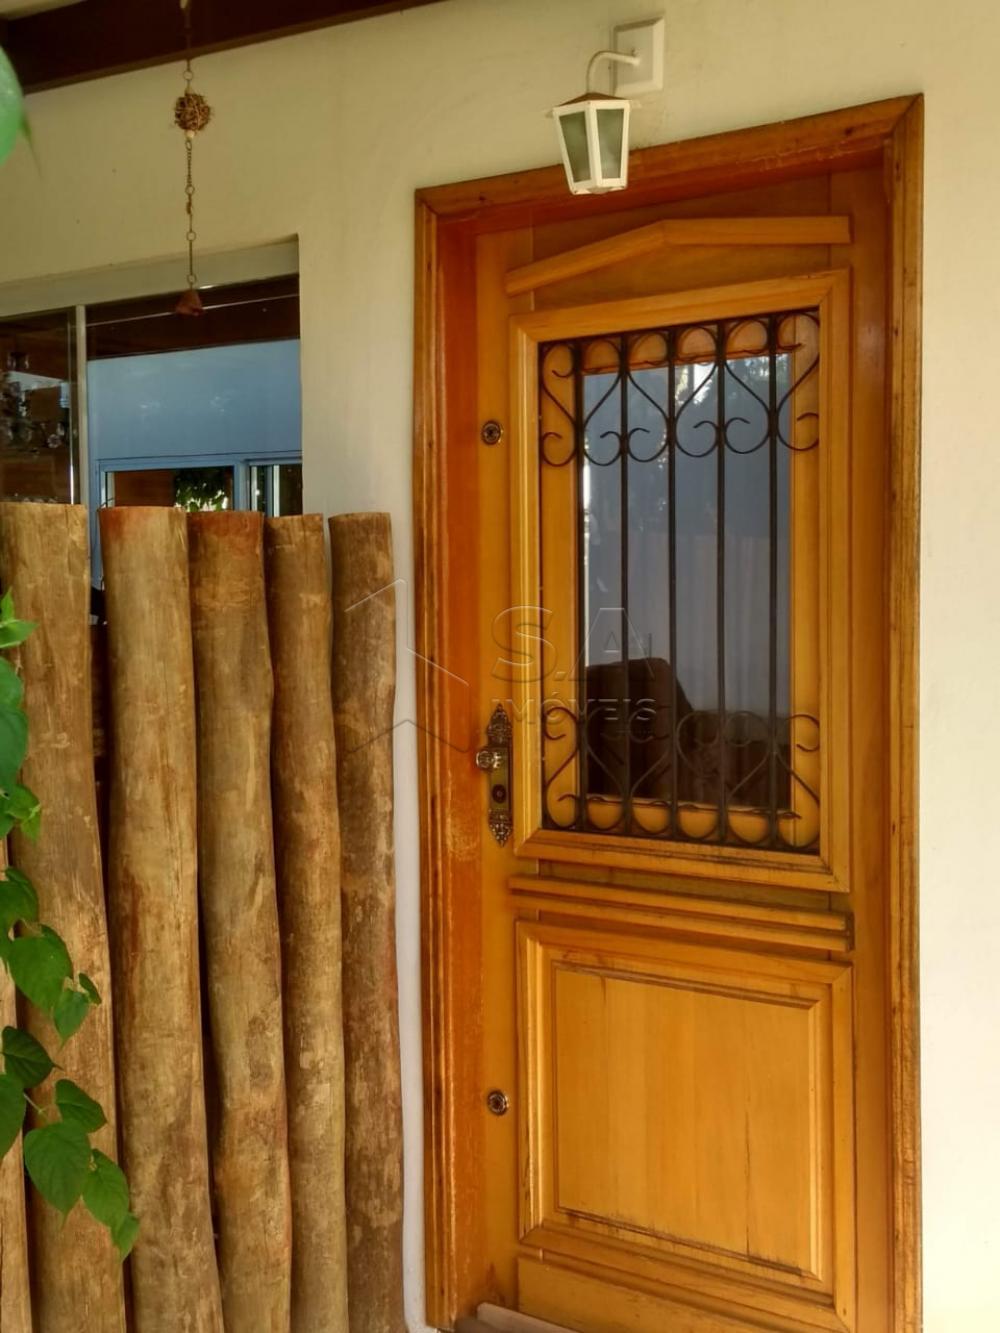 Comprar Casa / Padrão em Botucatu apenas R$ 350.000,00 - Foto 5